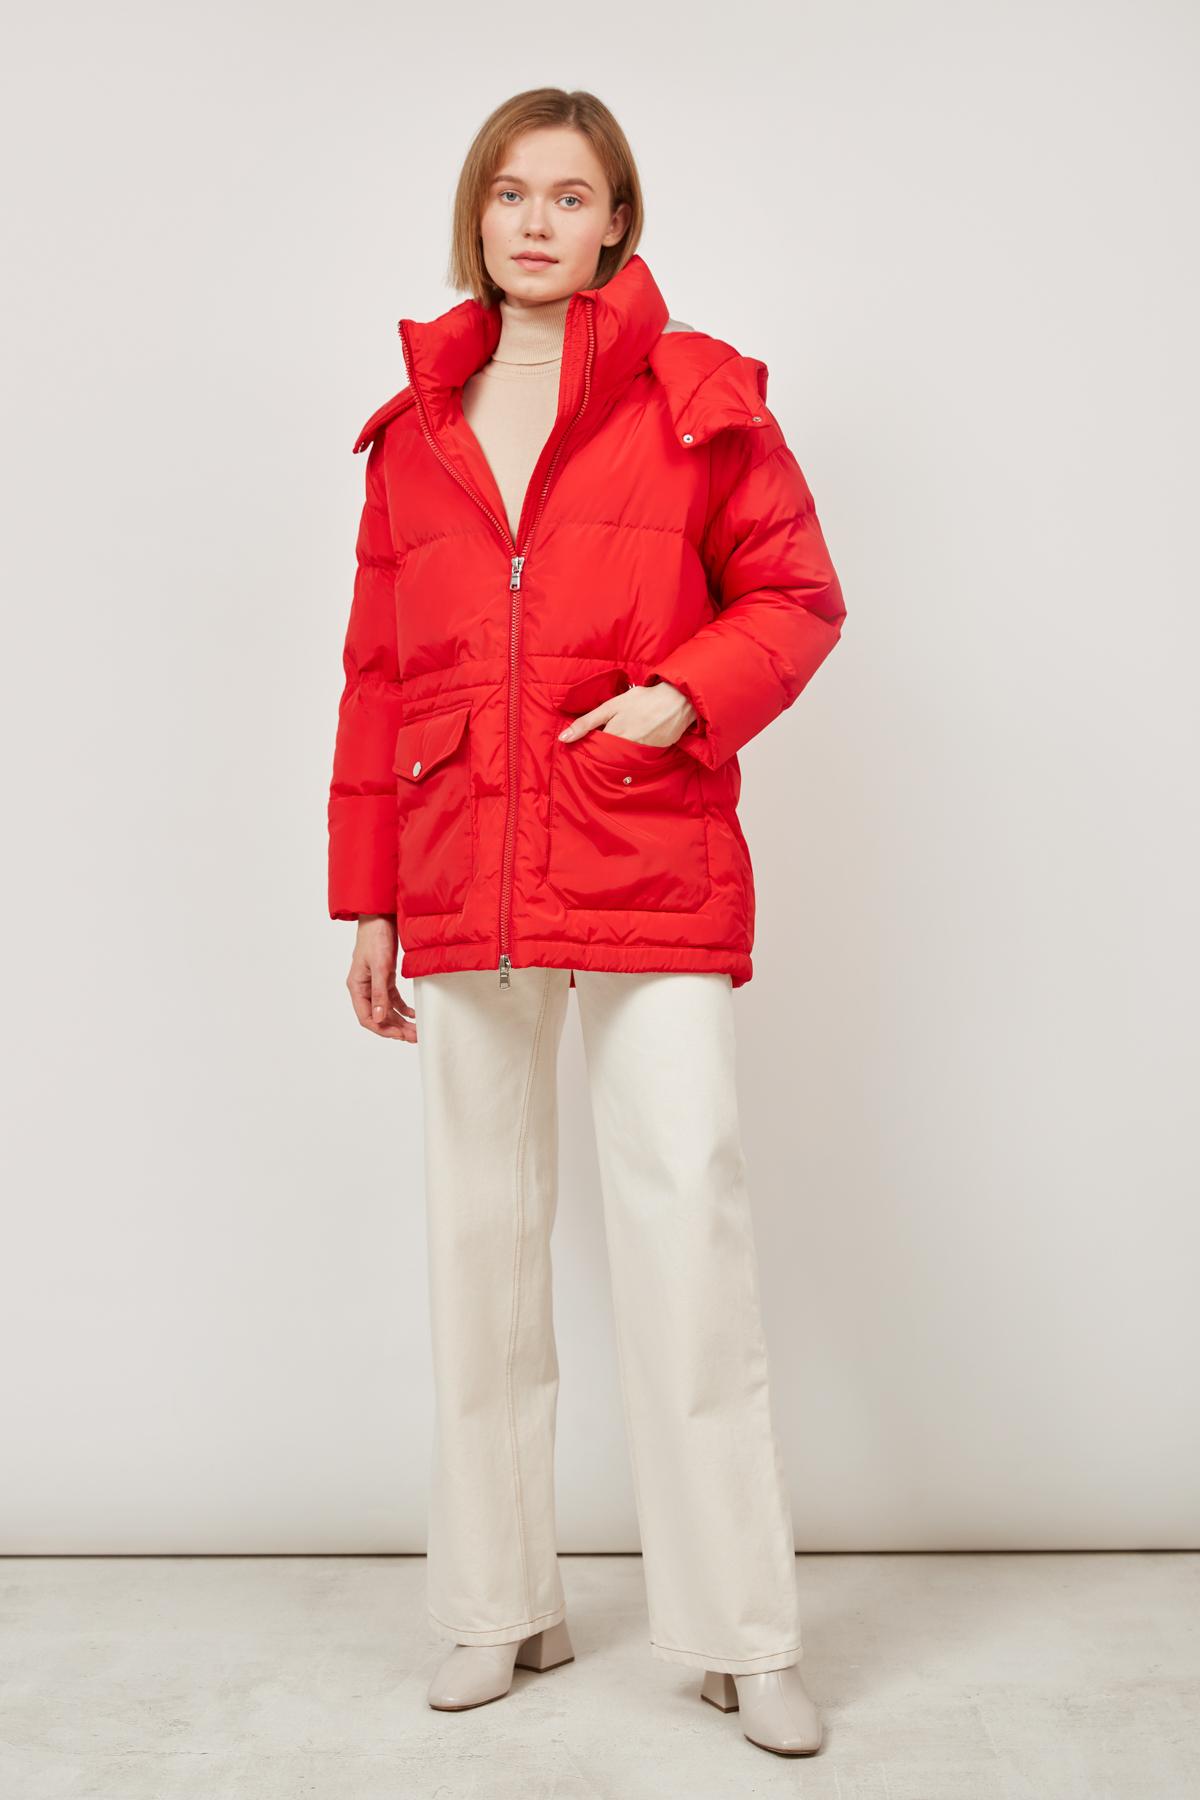 Куртка пуховая женские MustHave модель 7239 отзывы, 2017